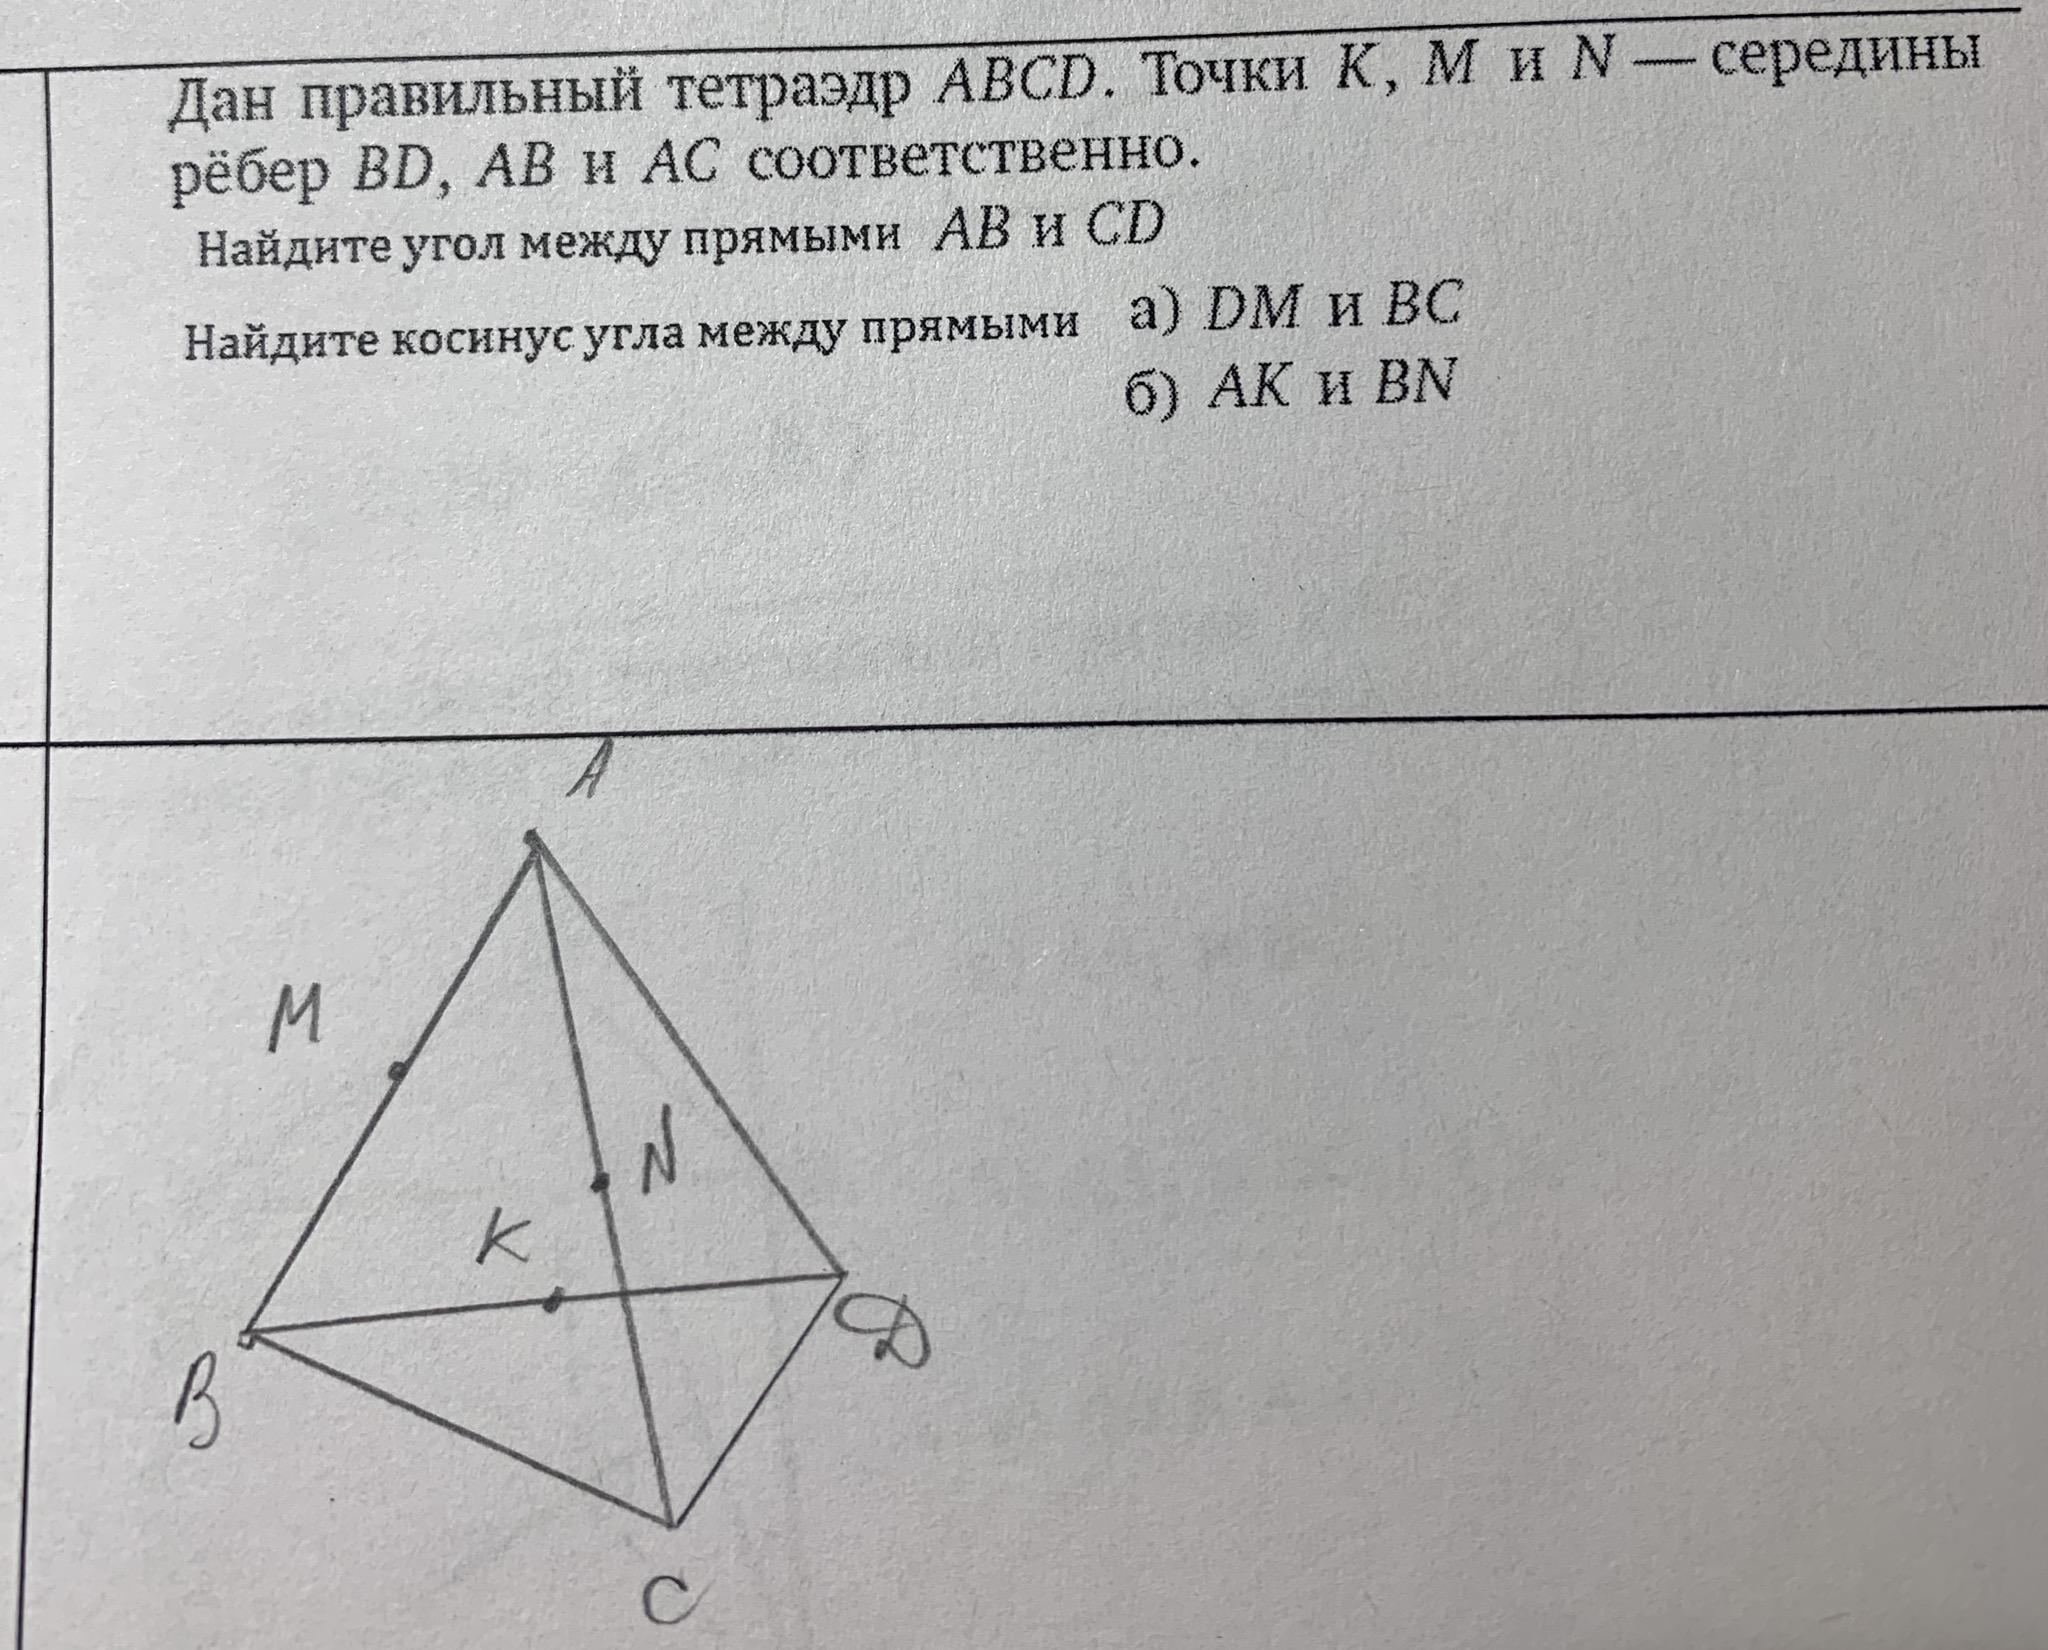 Где решить задачи по геометрии комплексный управленческий анализ решение задач